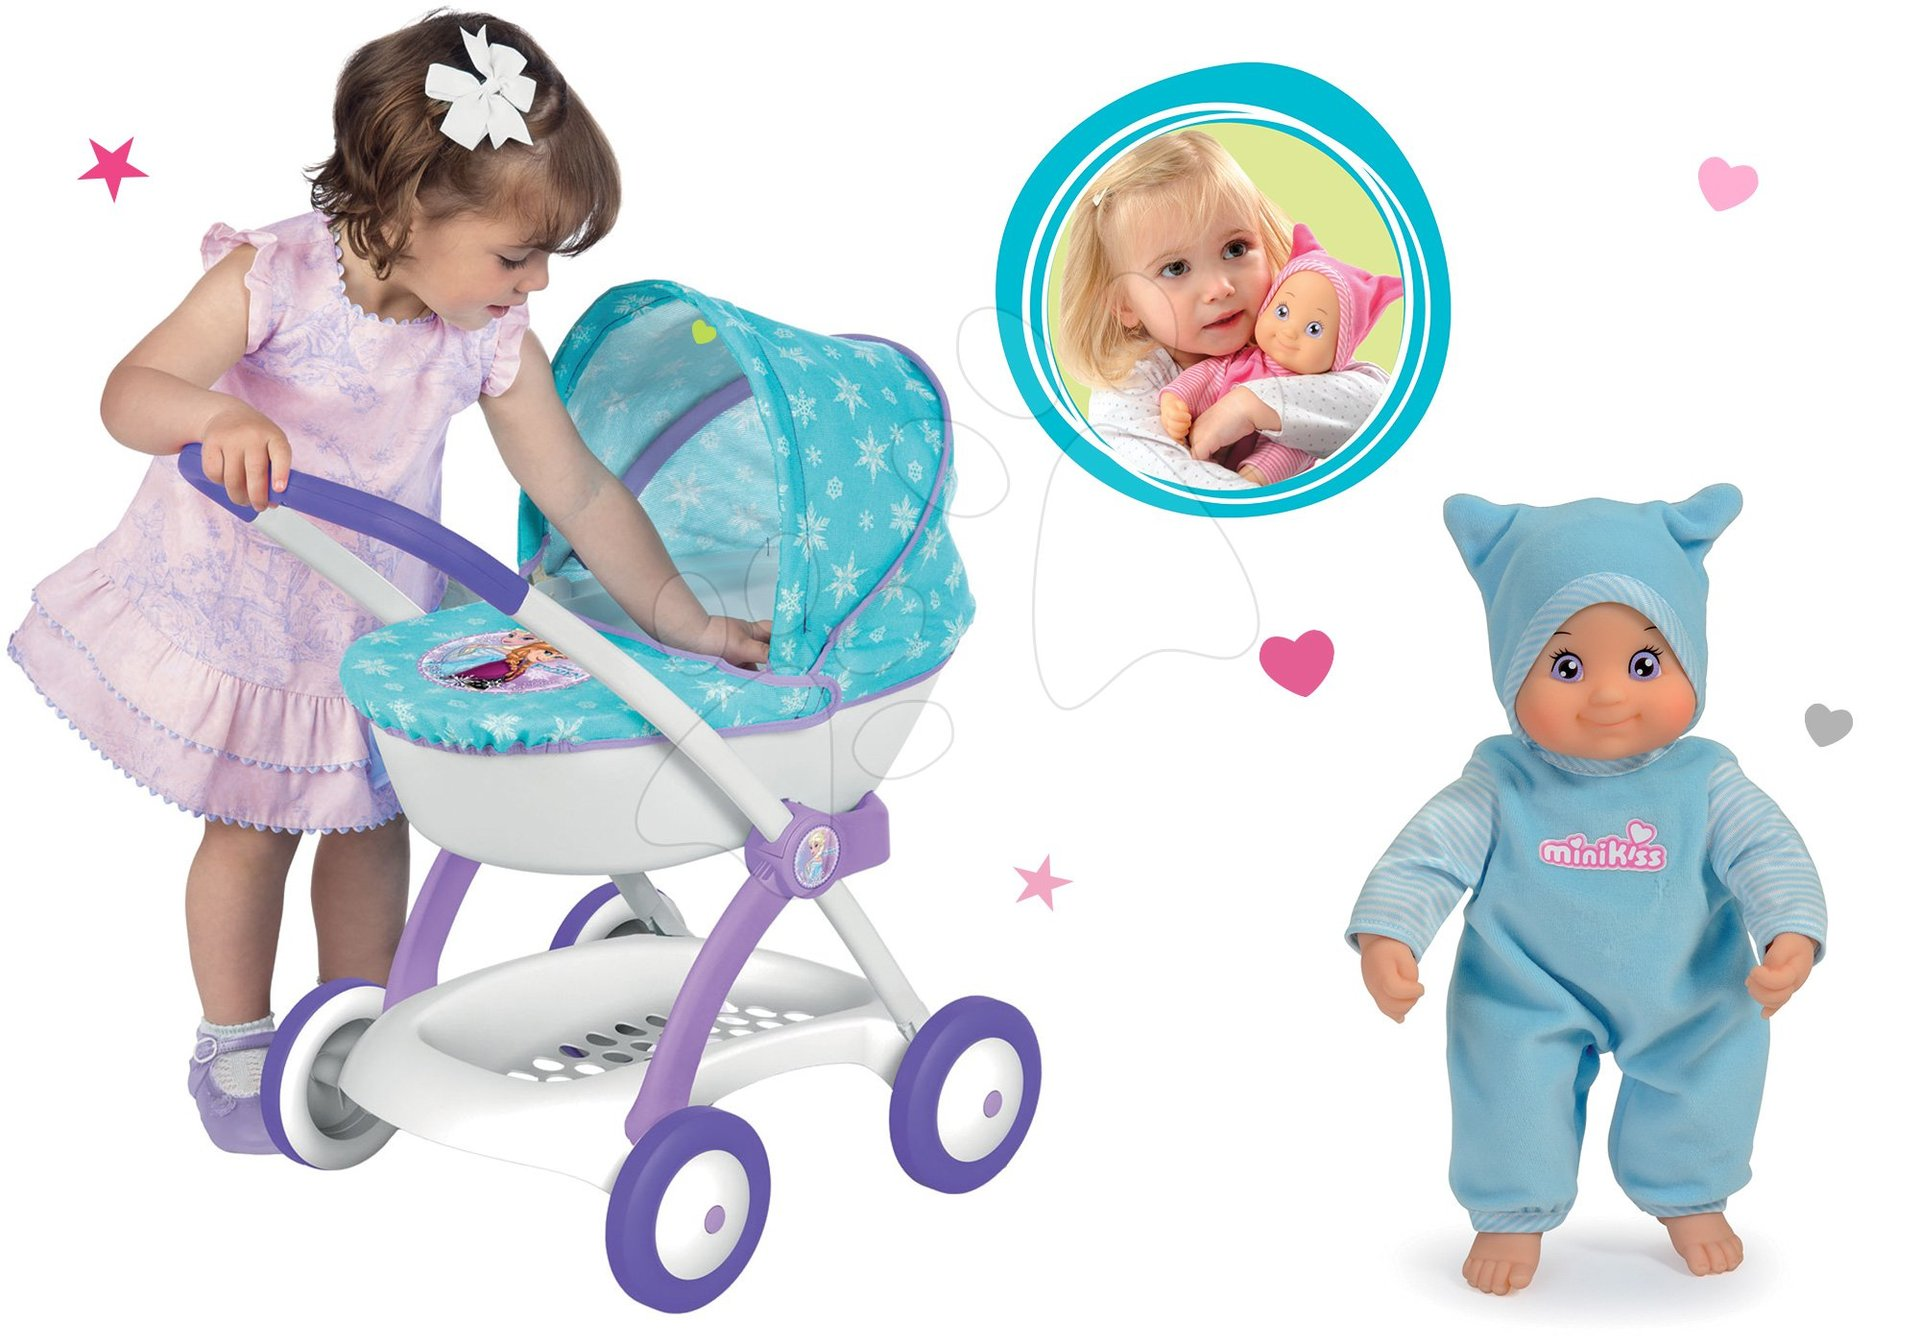 Smoby set hlboký kočík pre bábiku Frozen a bábika MiniKiss so zvukom modrá 254146-1B